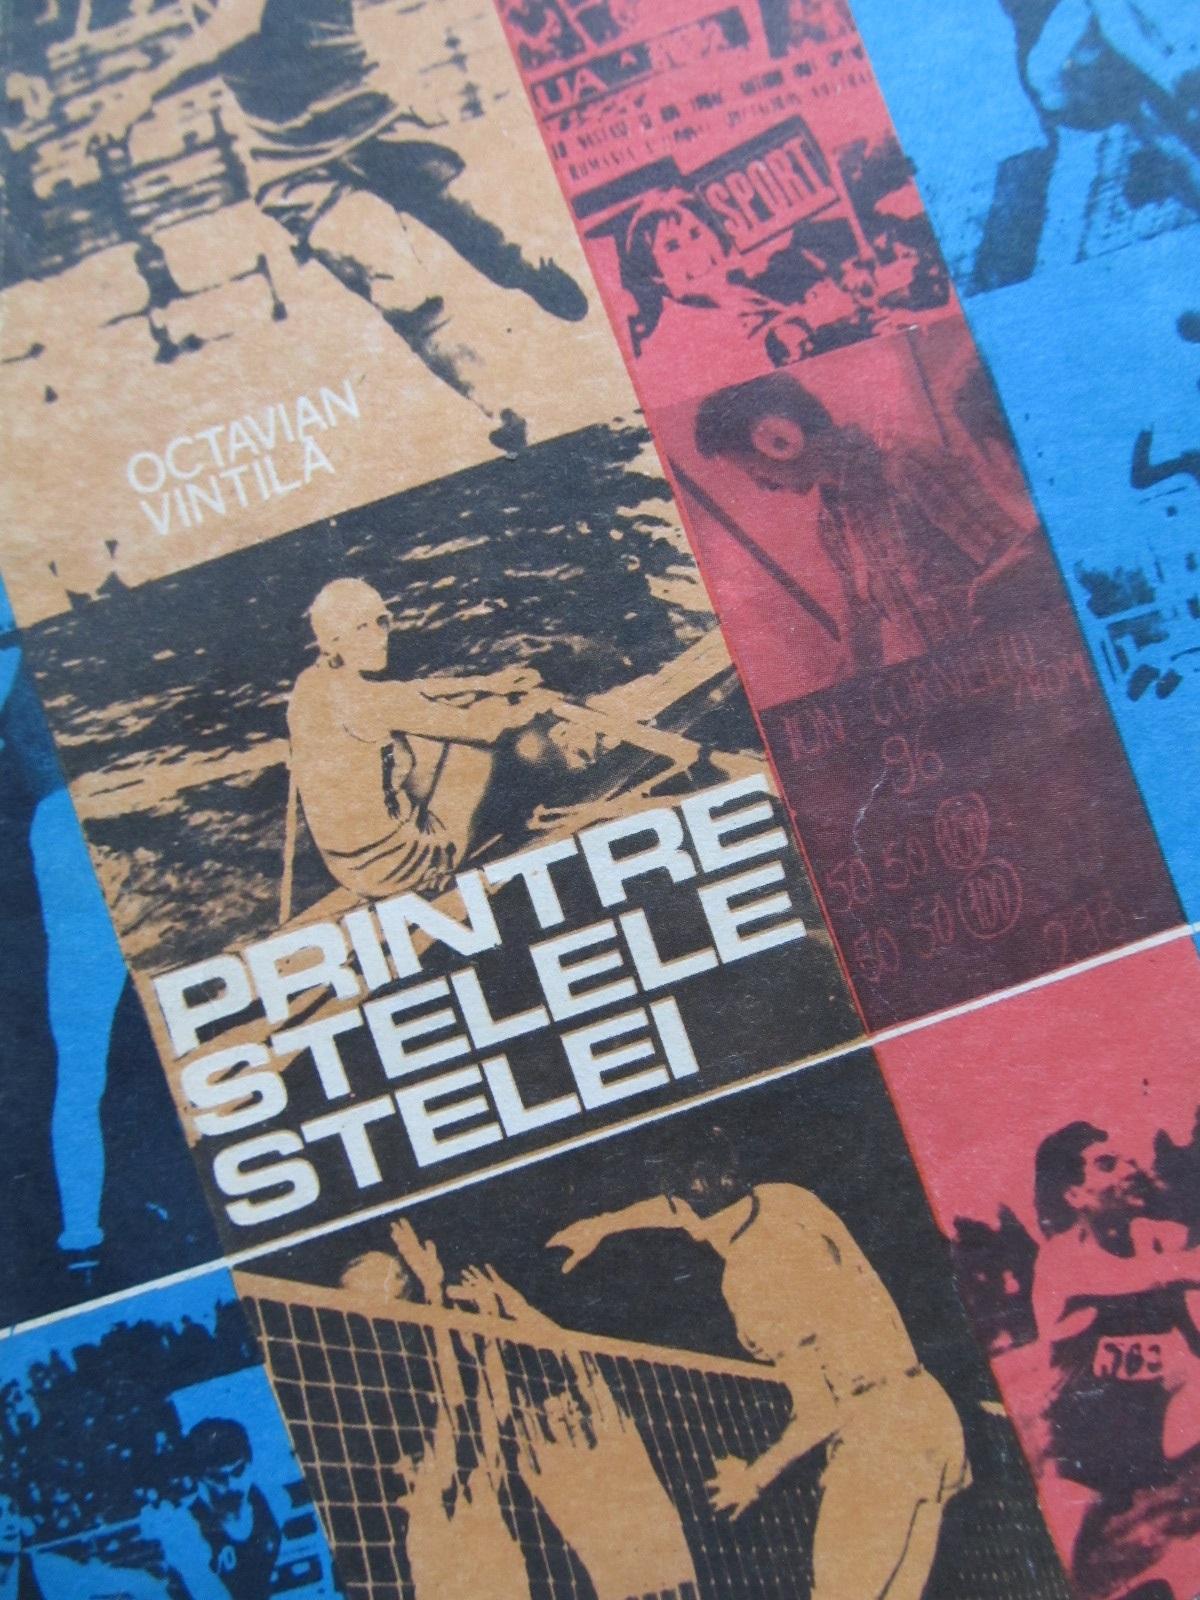 Printre stelele Stelei - Octavian Vintila | Detalii carte